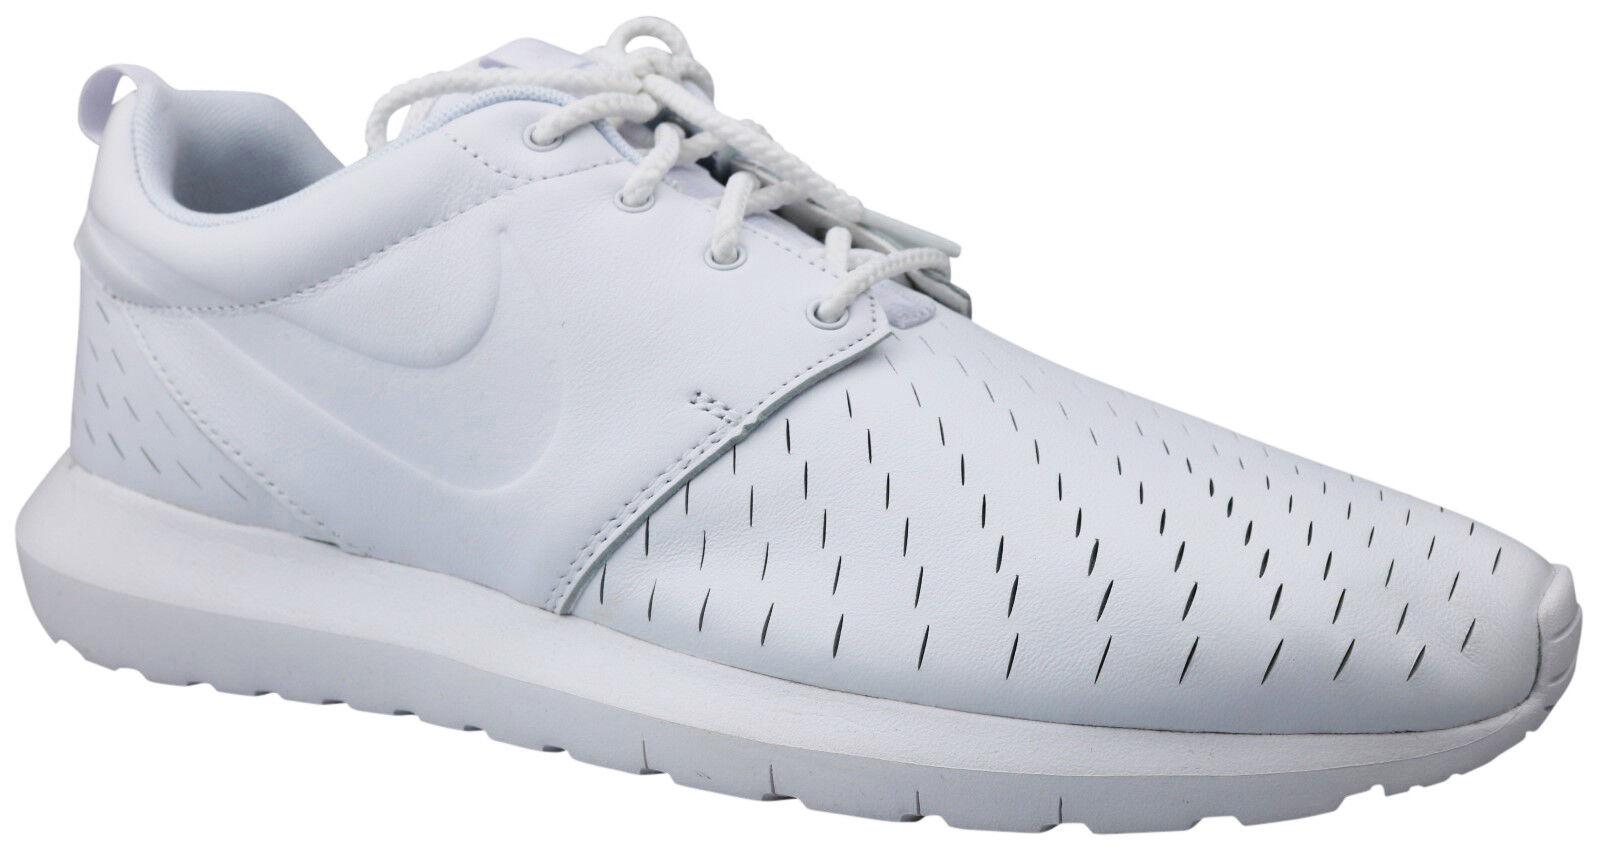 Nike Roshe NM Laser LSR Herren Turnschuhe Schuhe 833126-111 Gr 44 & 44,5 NEU OVP